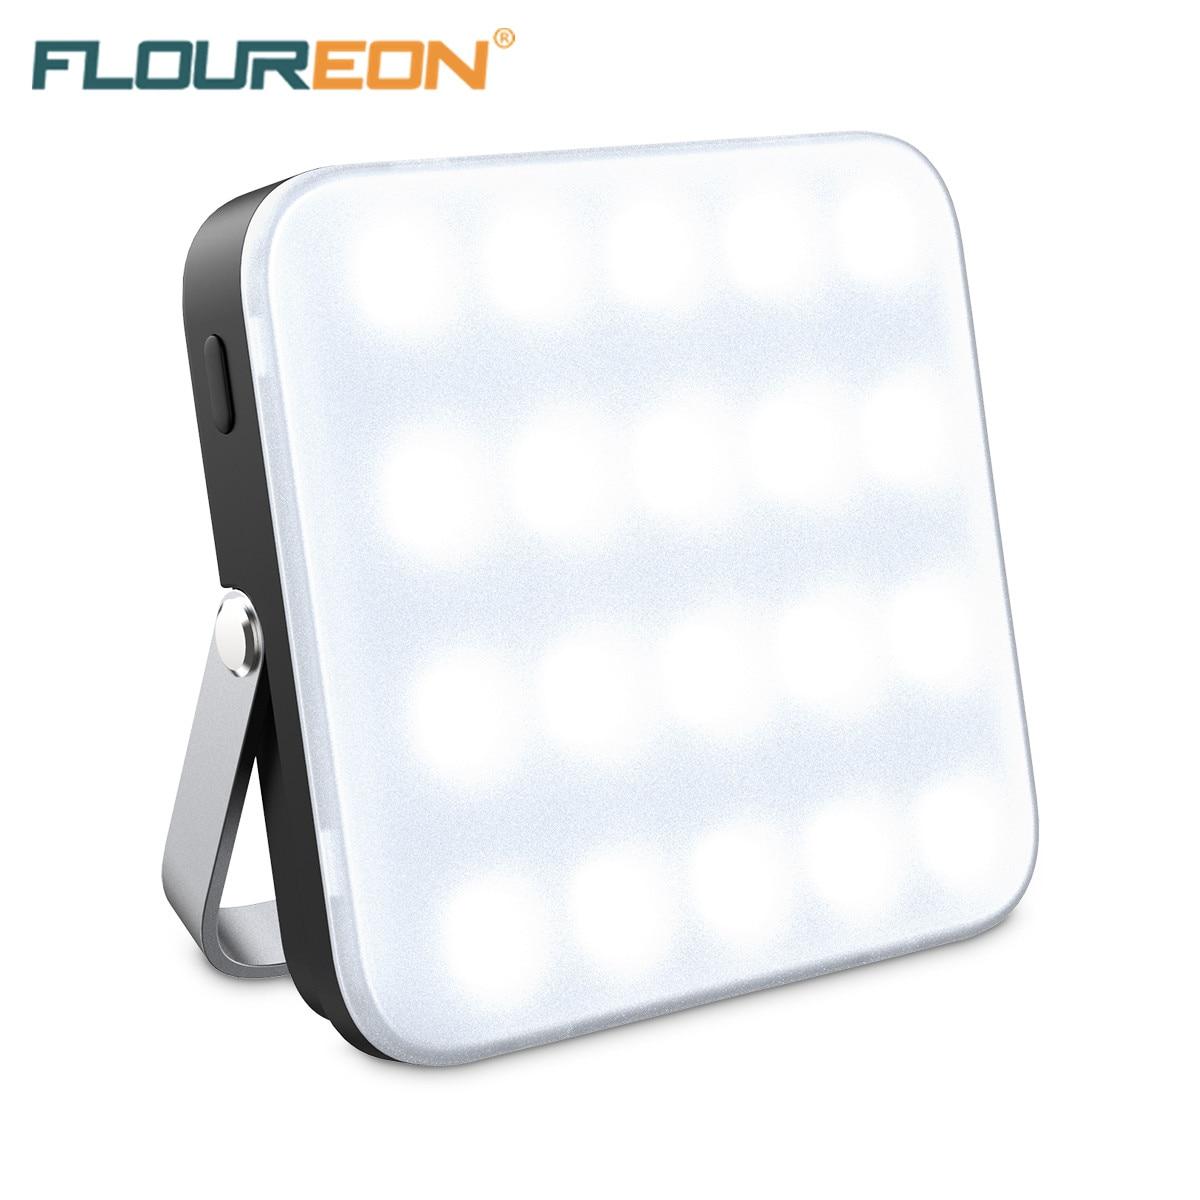 [해외]Floureon 10,000 MAh LED Camping Lantern & Power Bank Rechargeable Emergency Power Bank As Work Light For Hiking Camping/Floureon 10,000 MAh LE